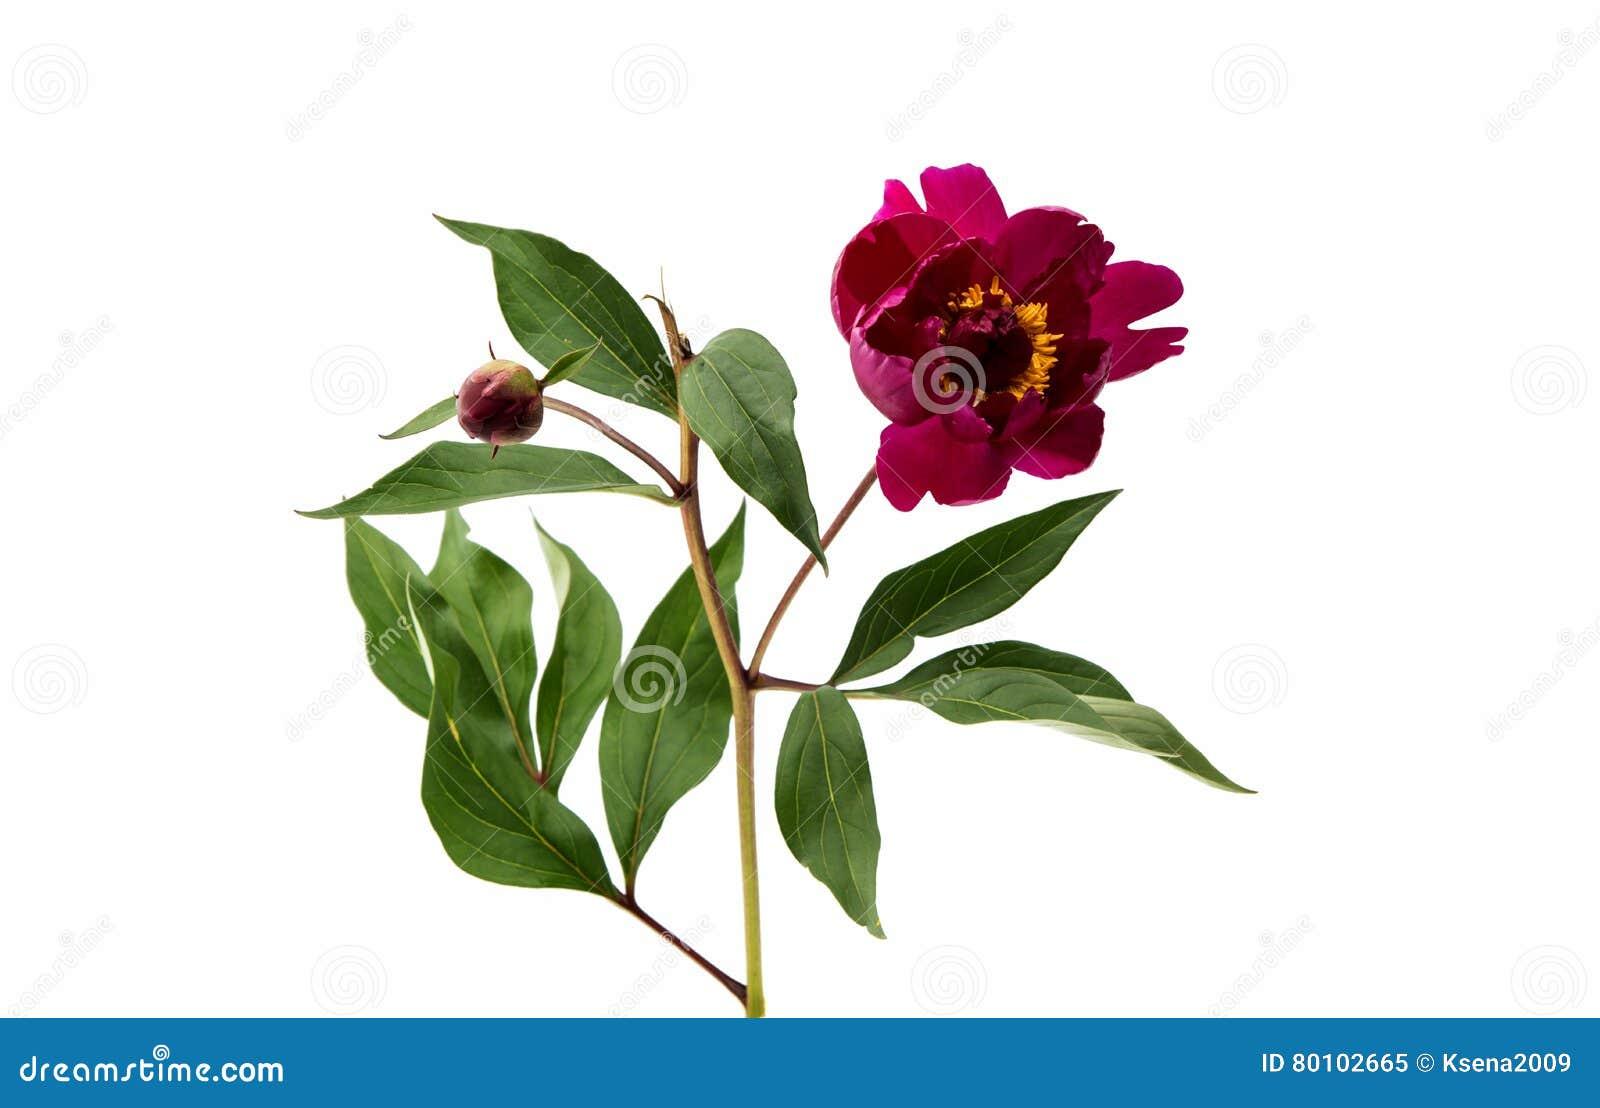 Flor vermelha da peônia isolada